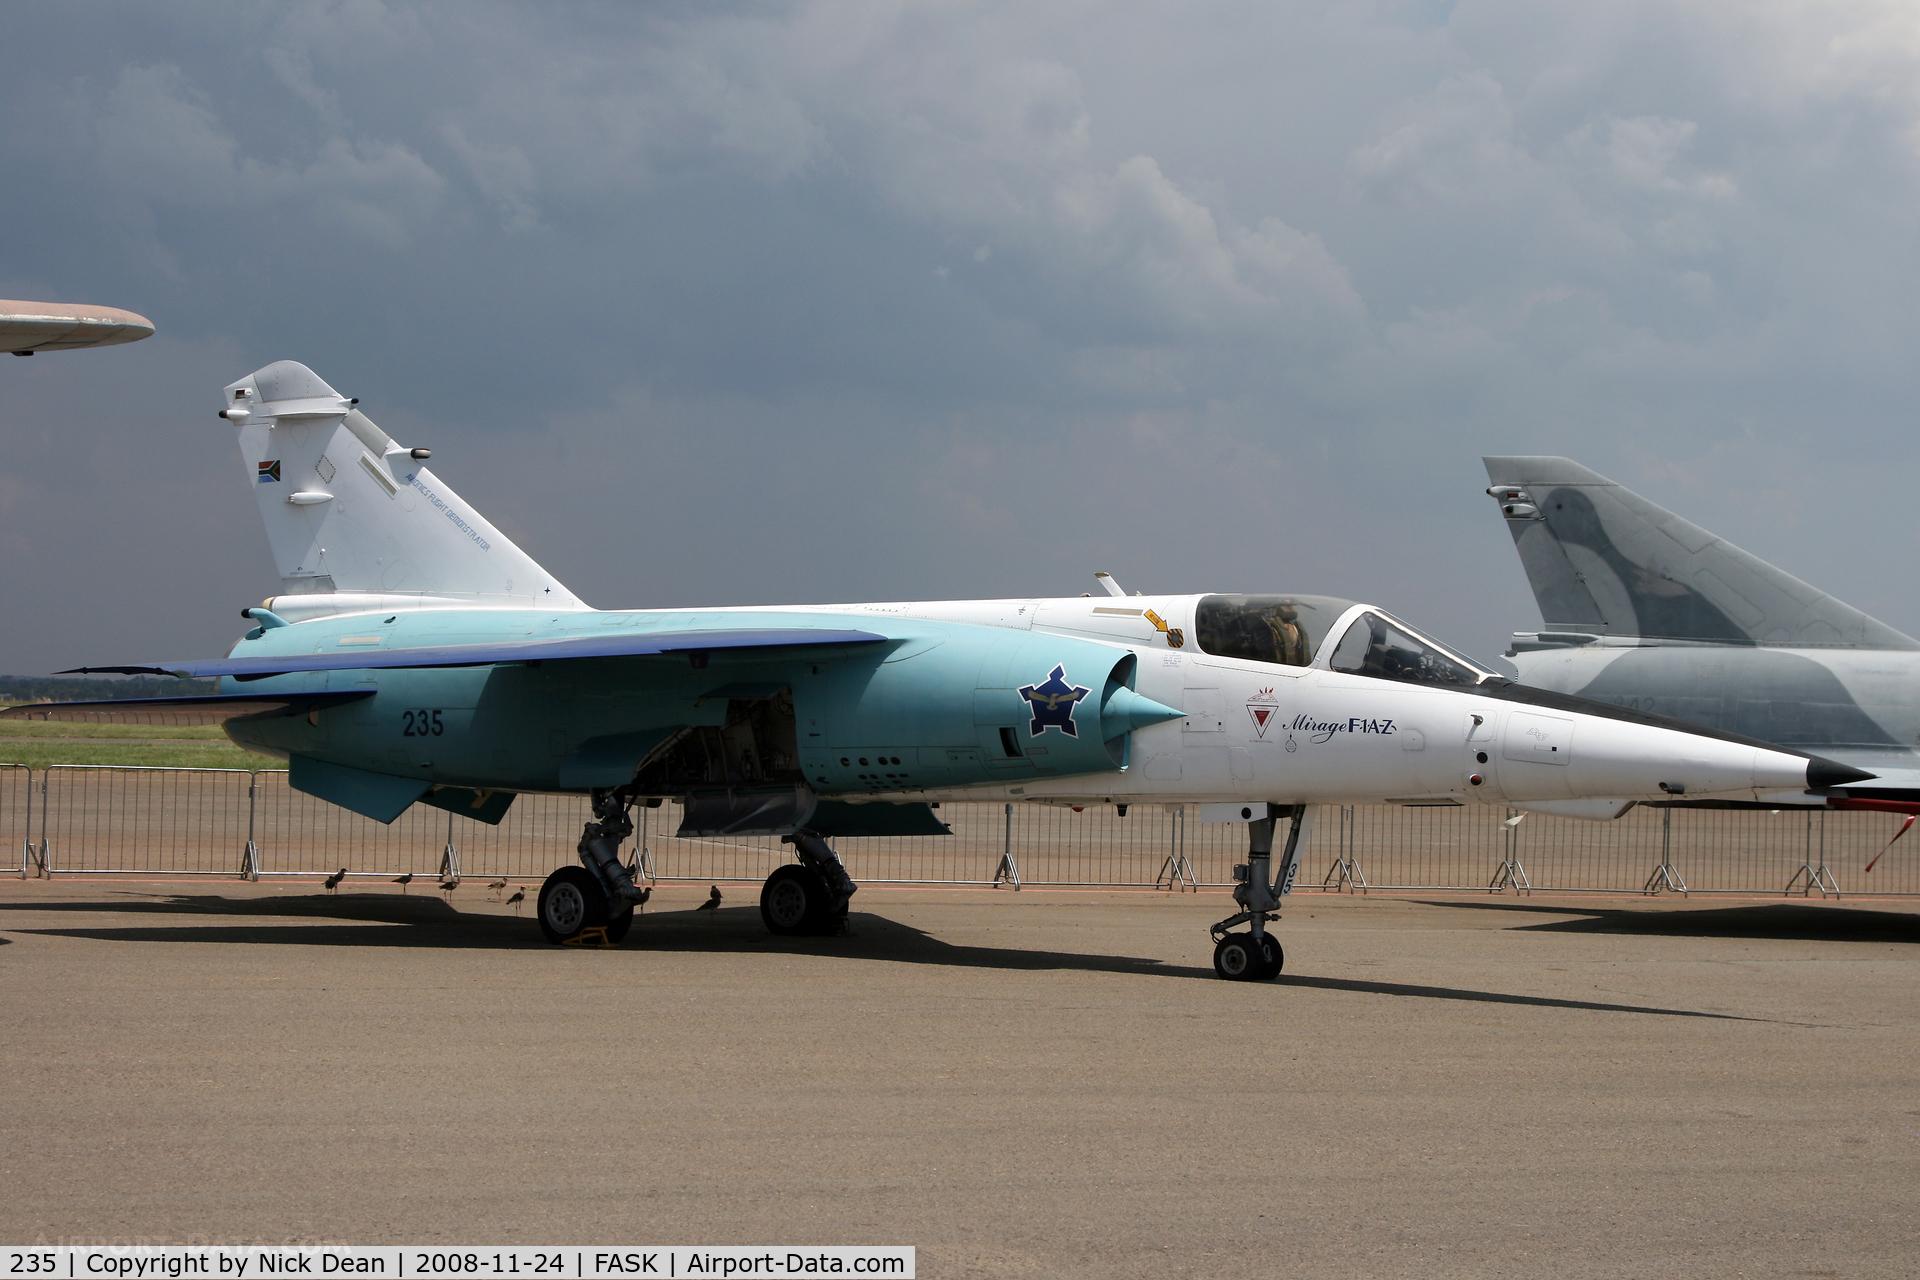 235, Dassault Mirage F.1AZ C/N 143, FASK Swartkop AFB Museum